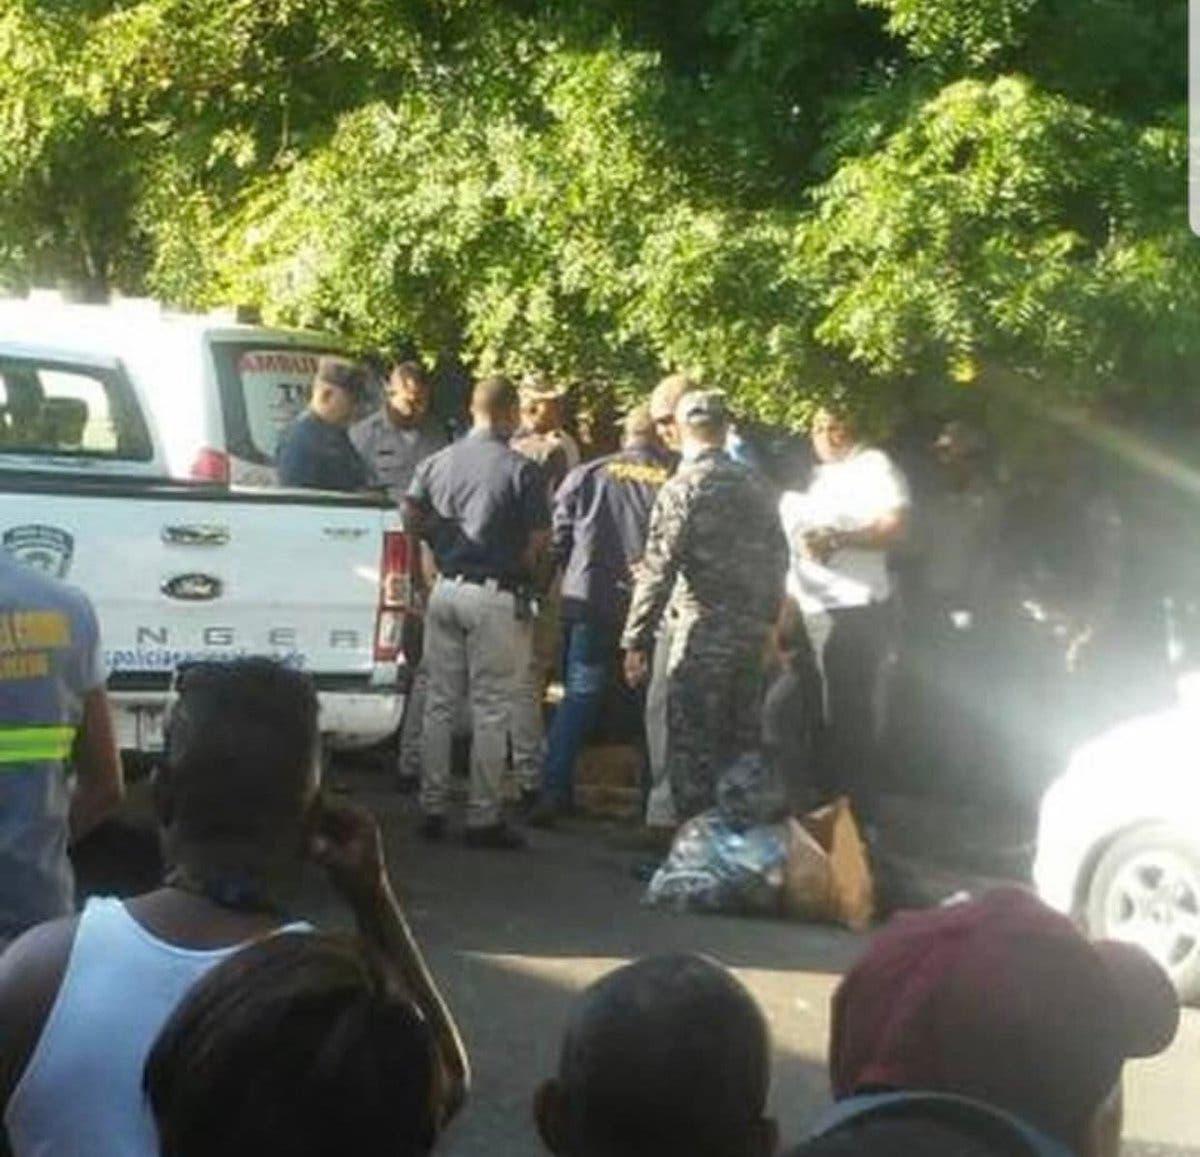 Encuentran cadáver de una mujer en un saco por el cementerio Máximo Gómez